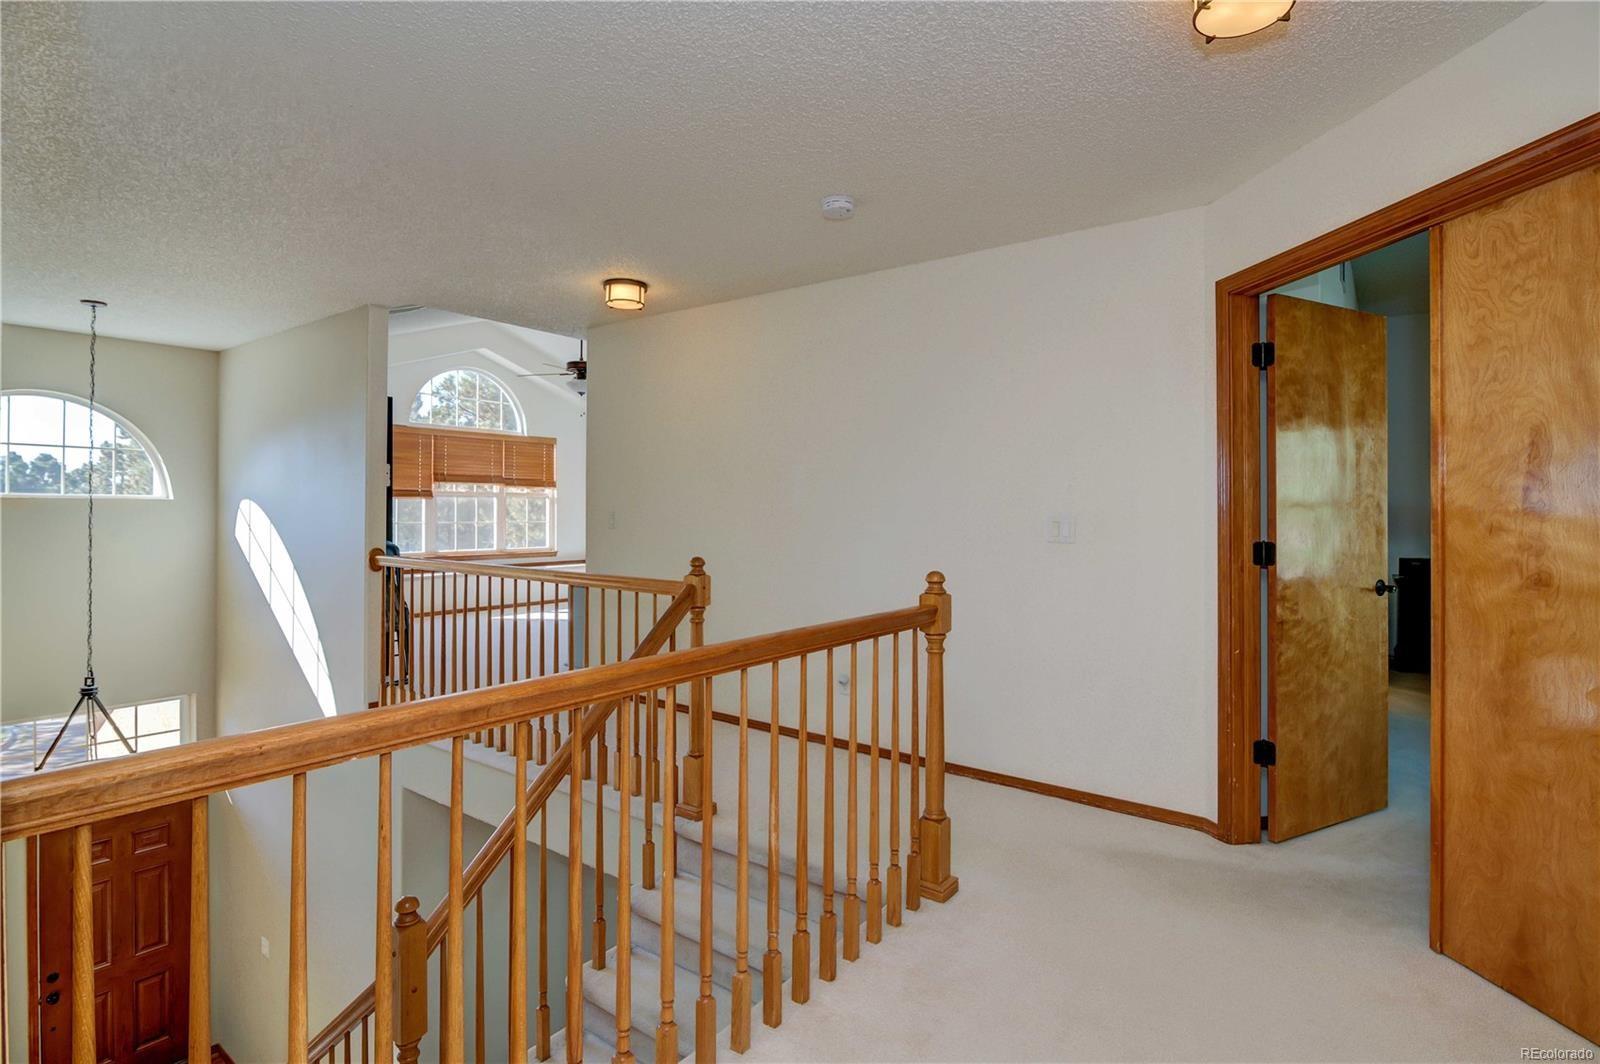 MLS# 5456451 - 22 - 15971 Woodmeadow Court, Colorado Springs, CO 80921